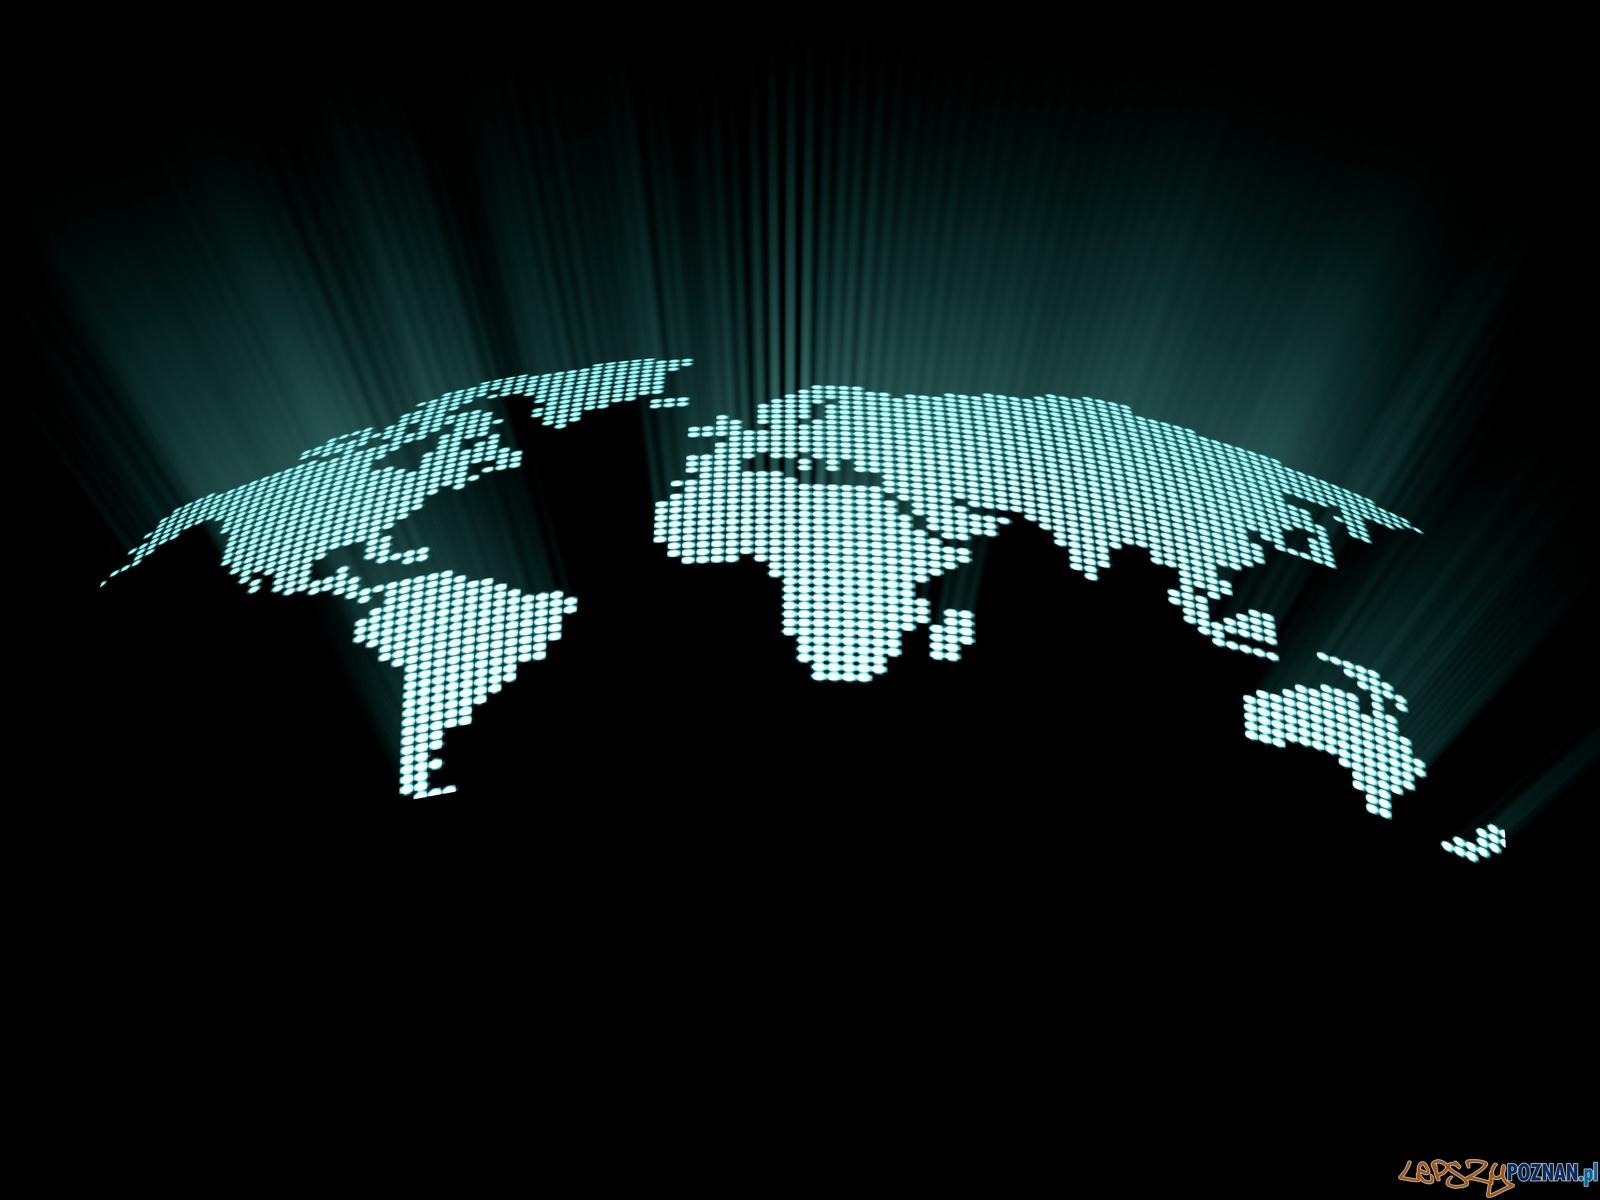 świat - mapa cyfrowa  Foto: sxc